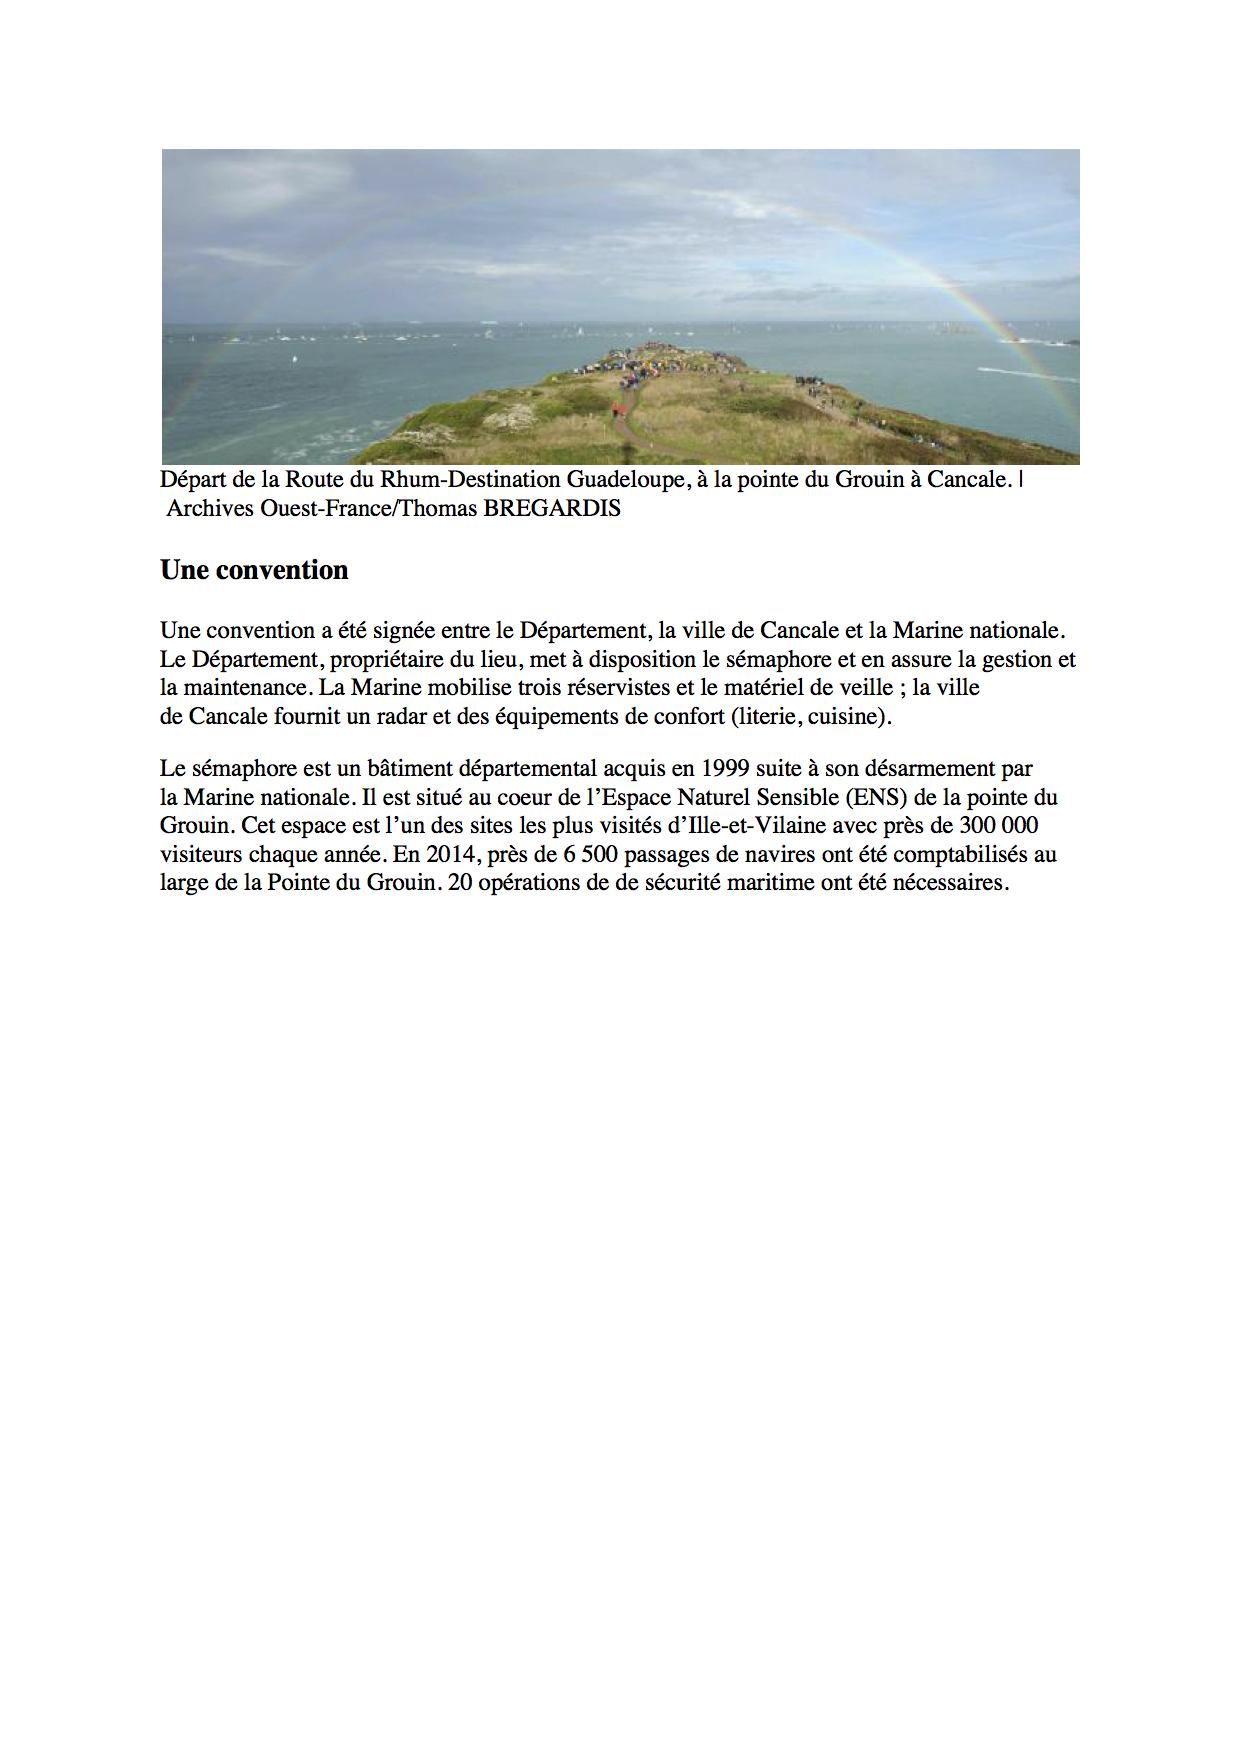 SÉMAPHORE - LE GROIN (ILLE ET VILAINE) 6678612GrouinOuestFrance300415